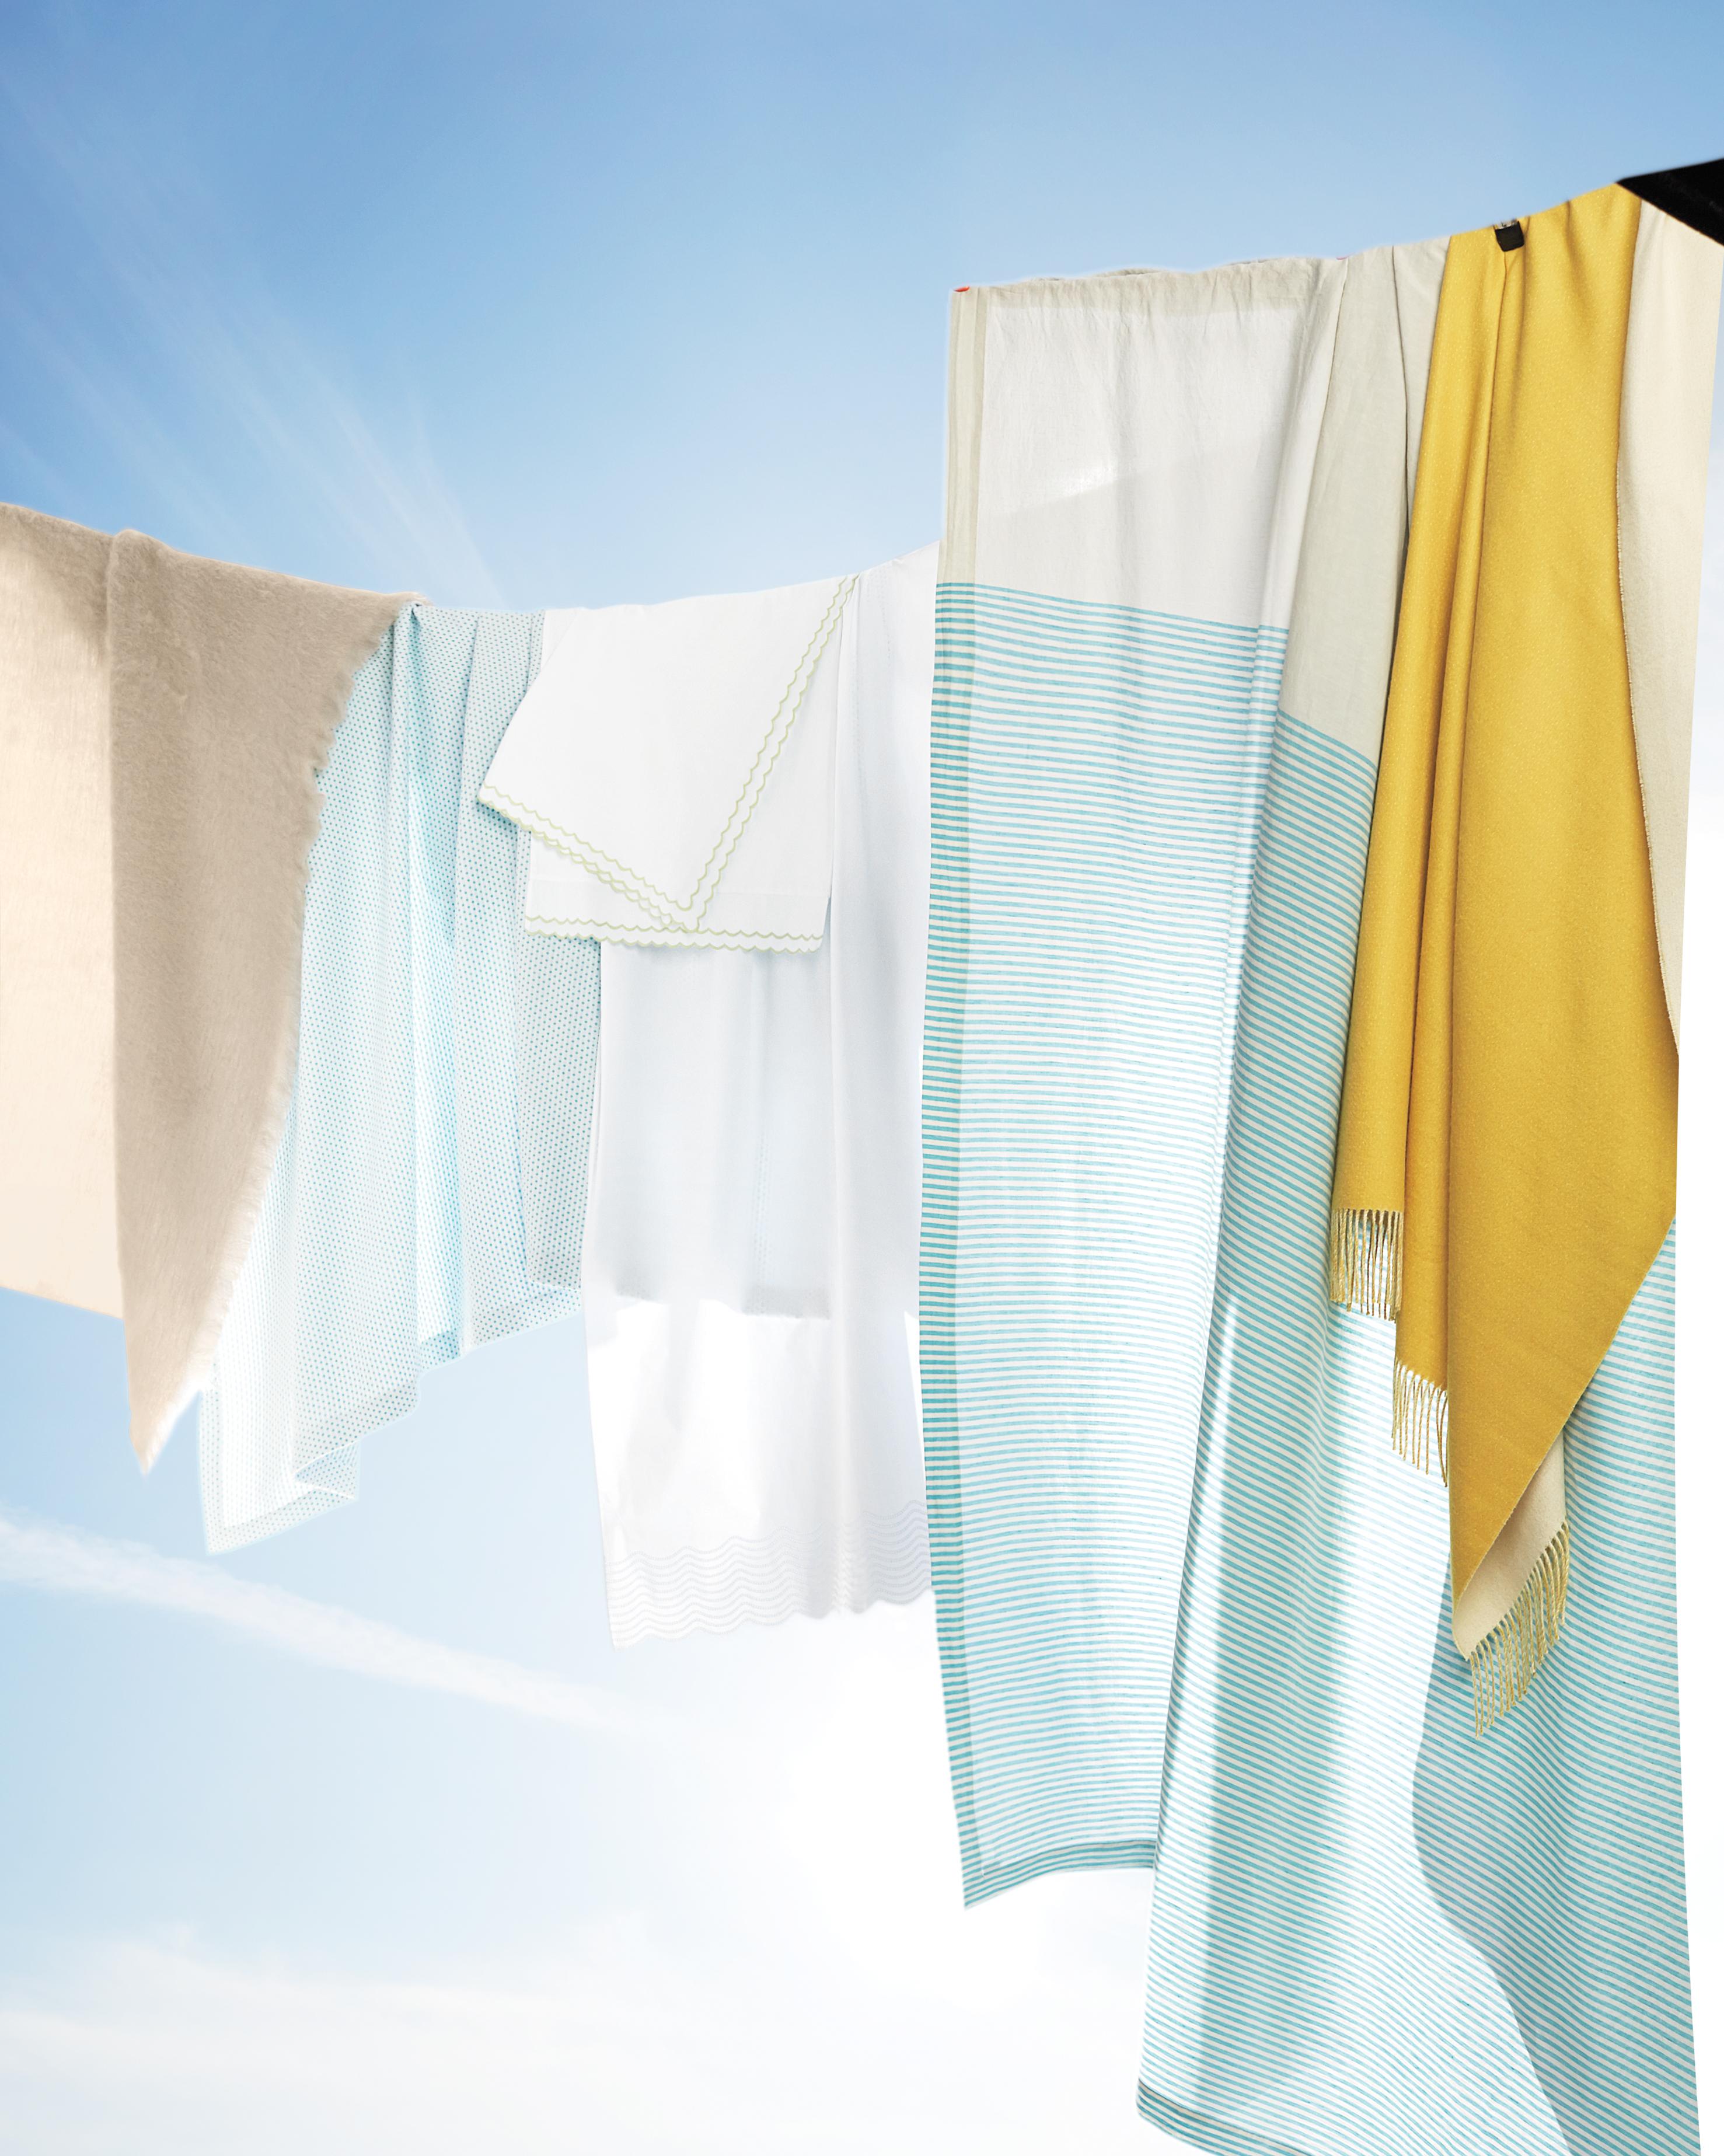 bedding-linens-255-d111040-comp.jpg